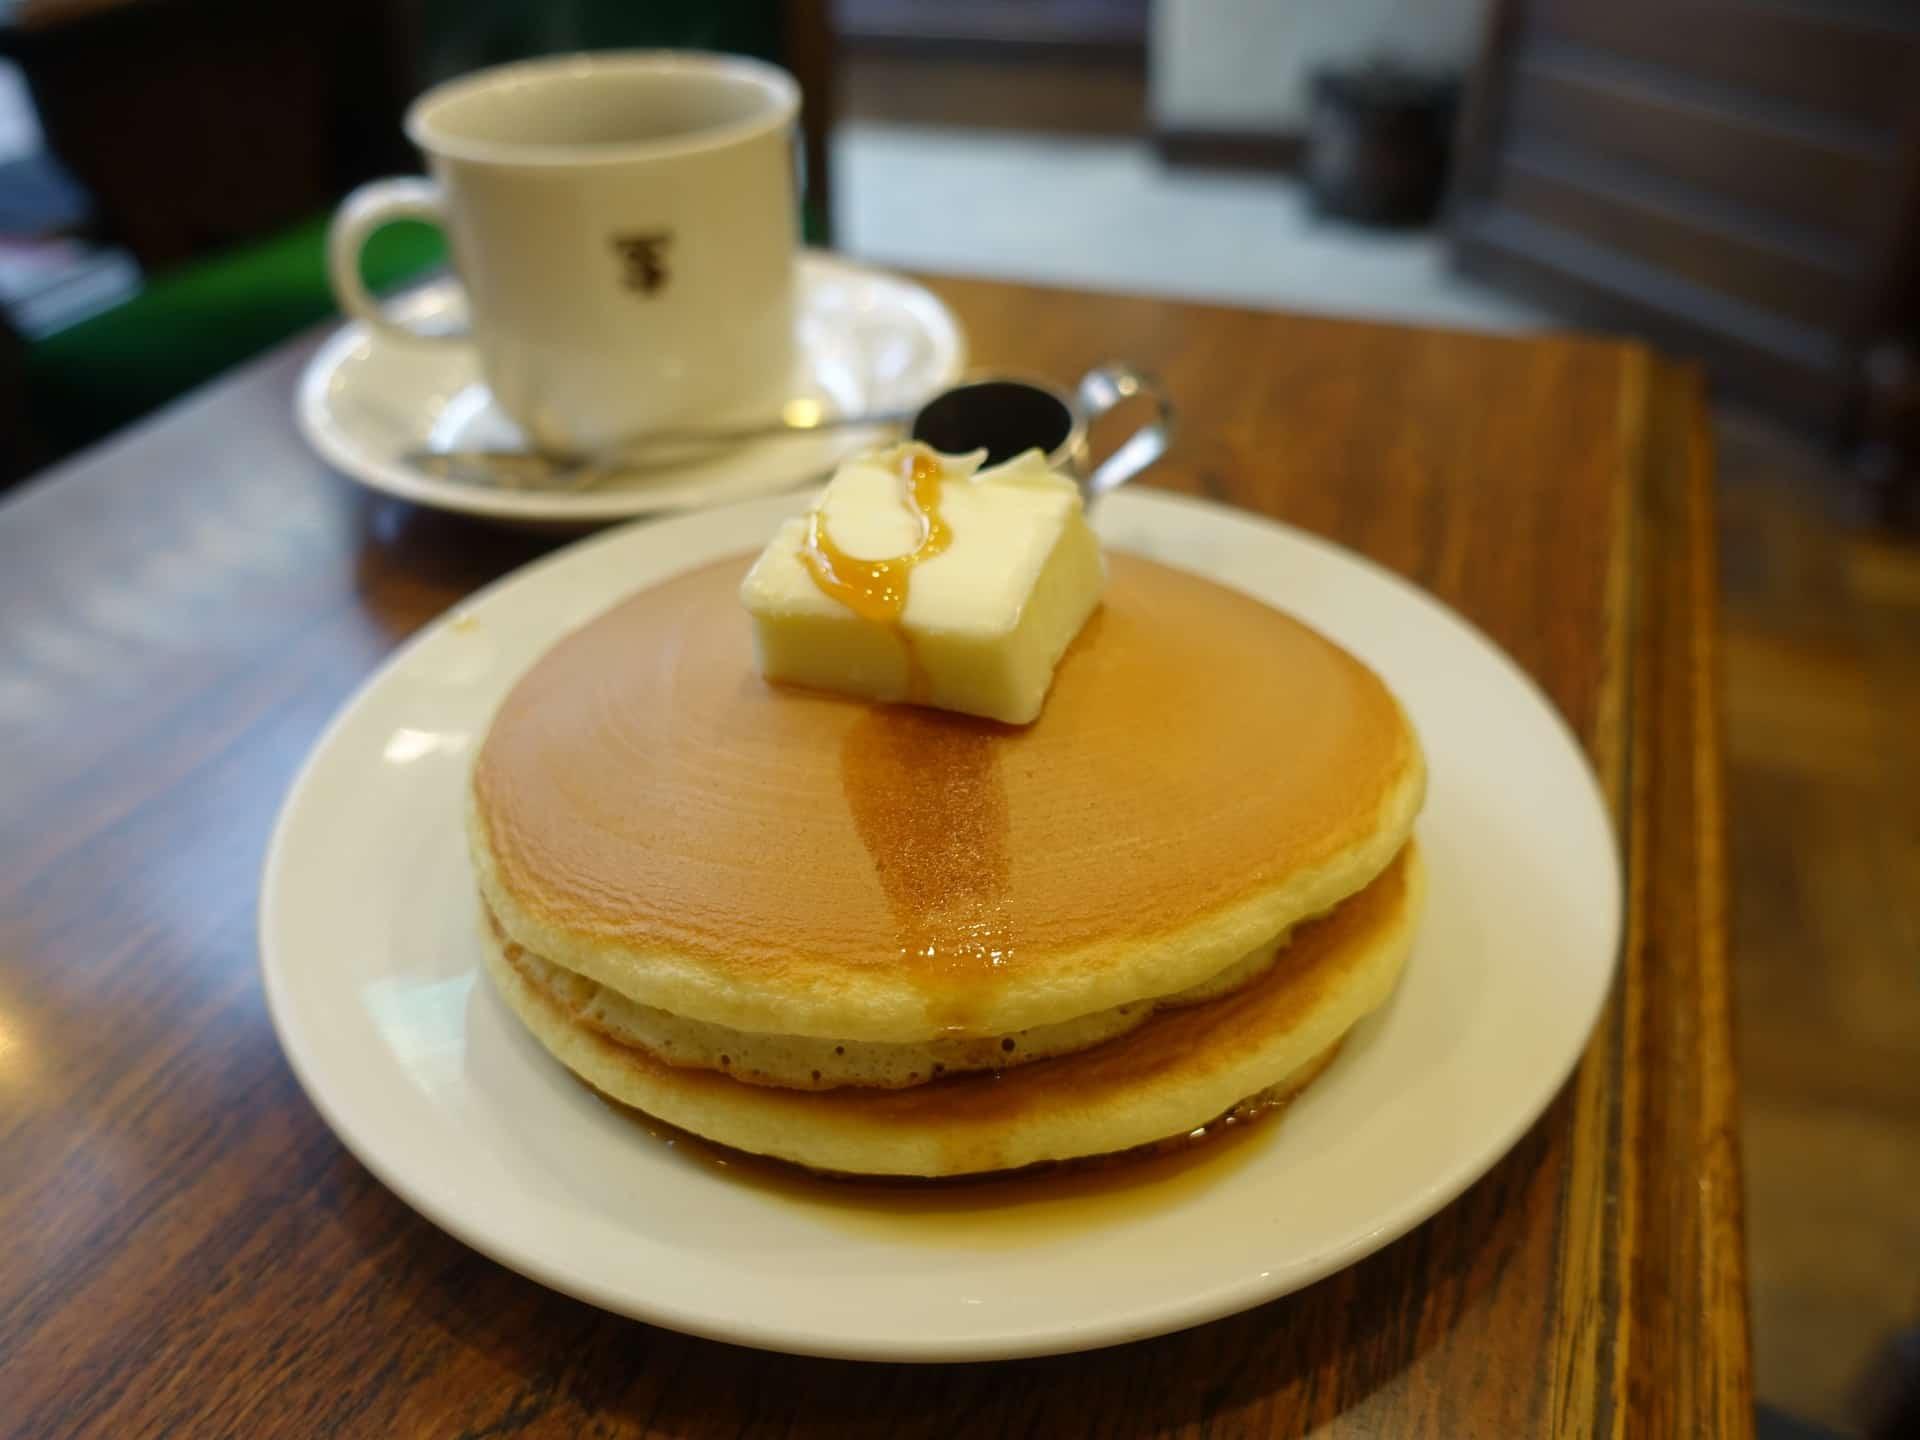 元町サントス − 神戸のレトロな喫茶店。目玉のホットケーキは懐かしい味で必食のおいしさ